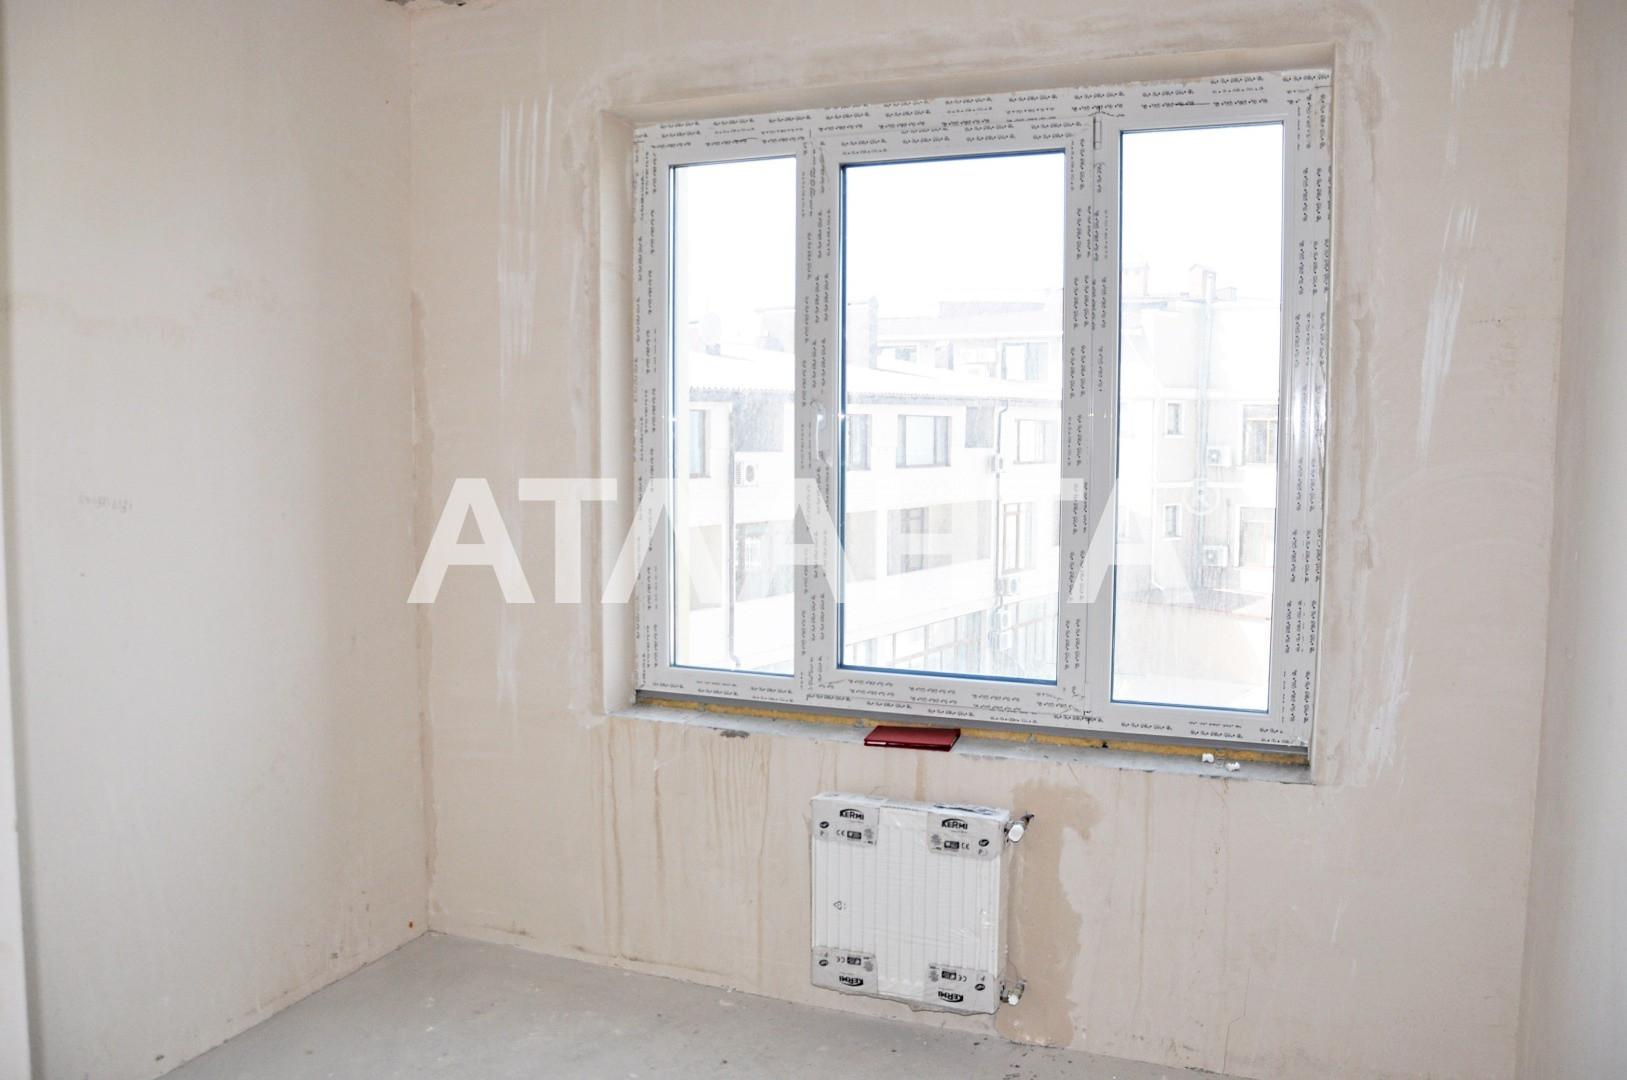 Продается 2-комнатная Квартира на ул. Каманина — 65 000 у.е. (фото №6)